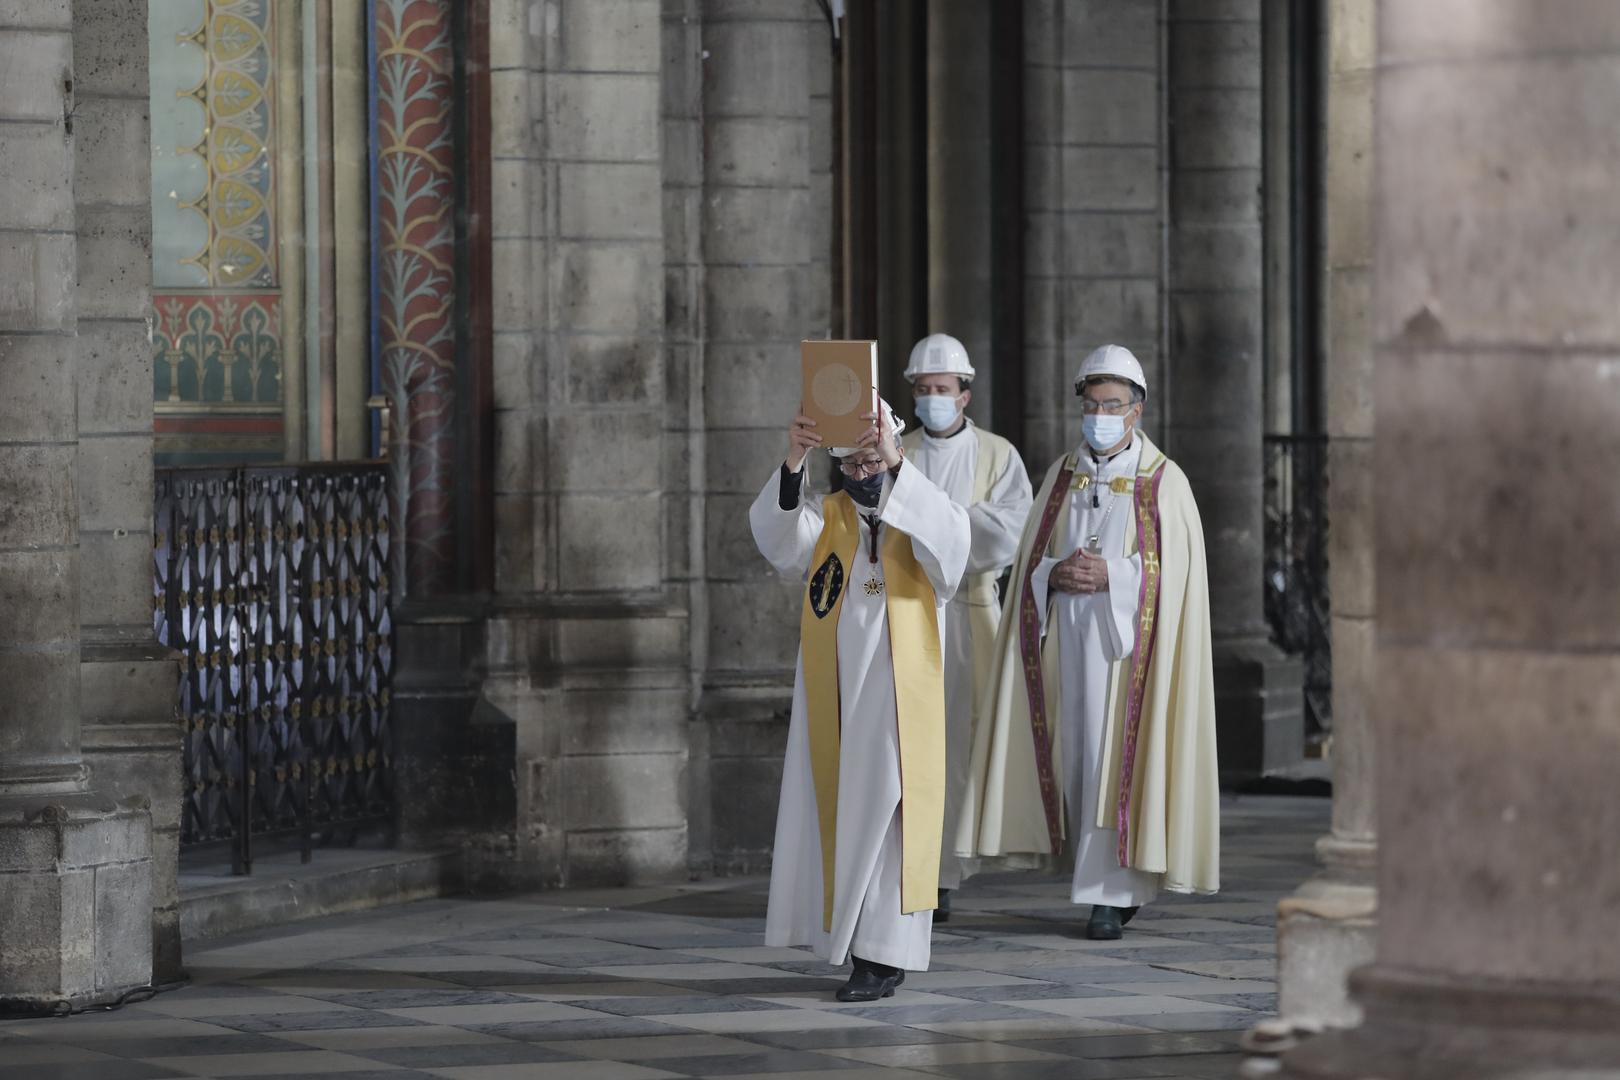 أسقف نوتردام، باتريك شوفيه، يقود موكبا خلال احتفالات الجمعة العظيمة في الكاتدرائية.